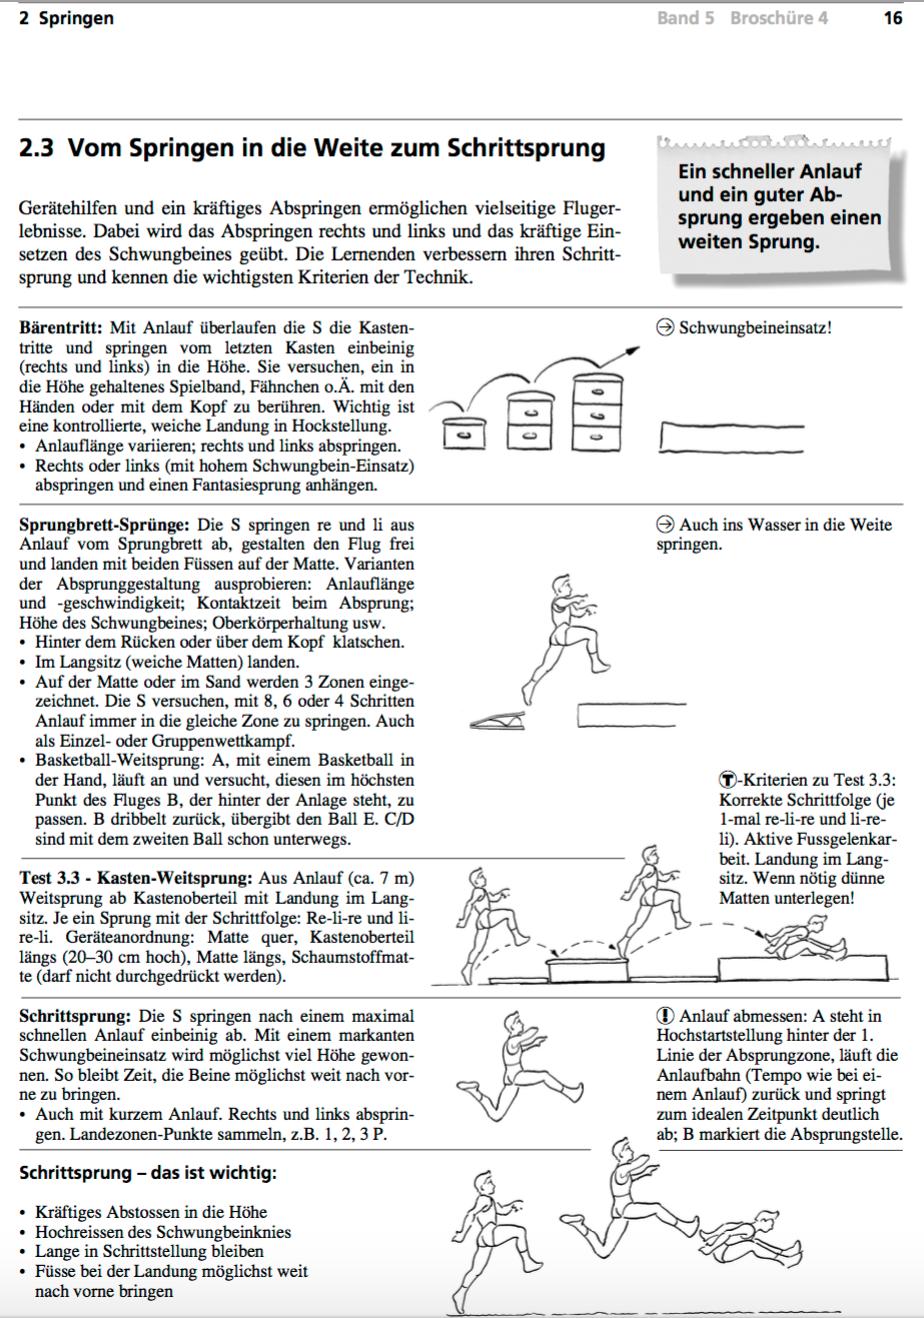 Preview image for LOM object Weitsprung- Schneller Anlauf, guter Absprung